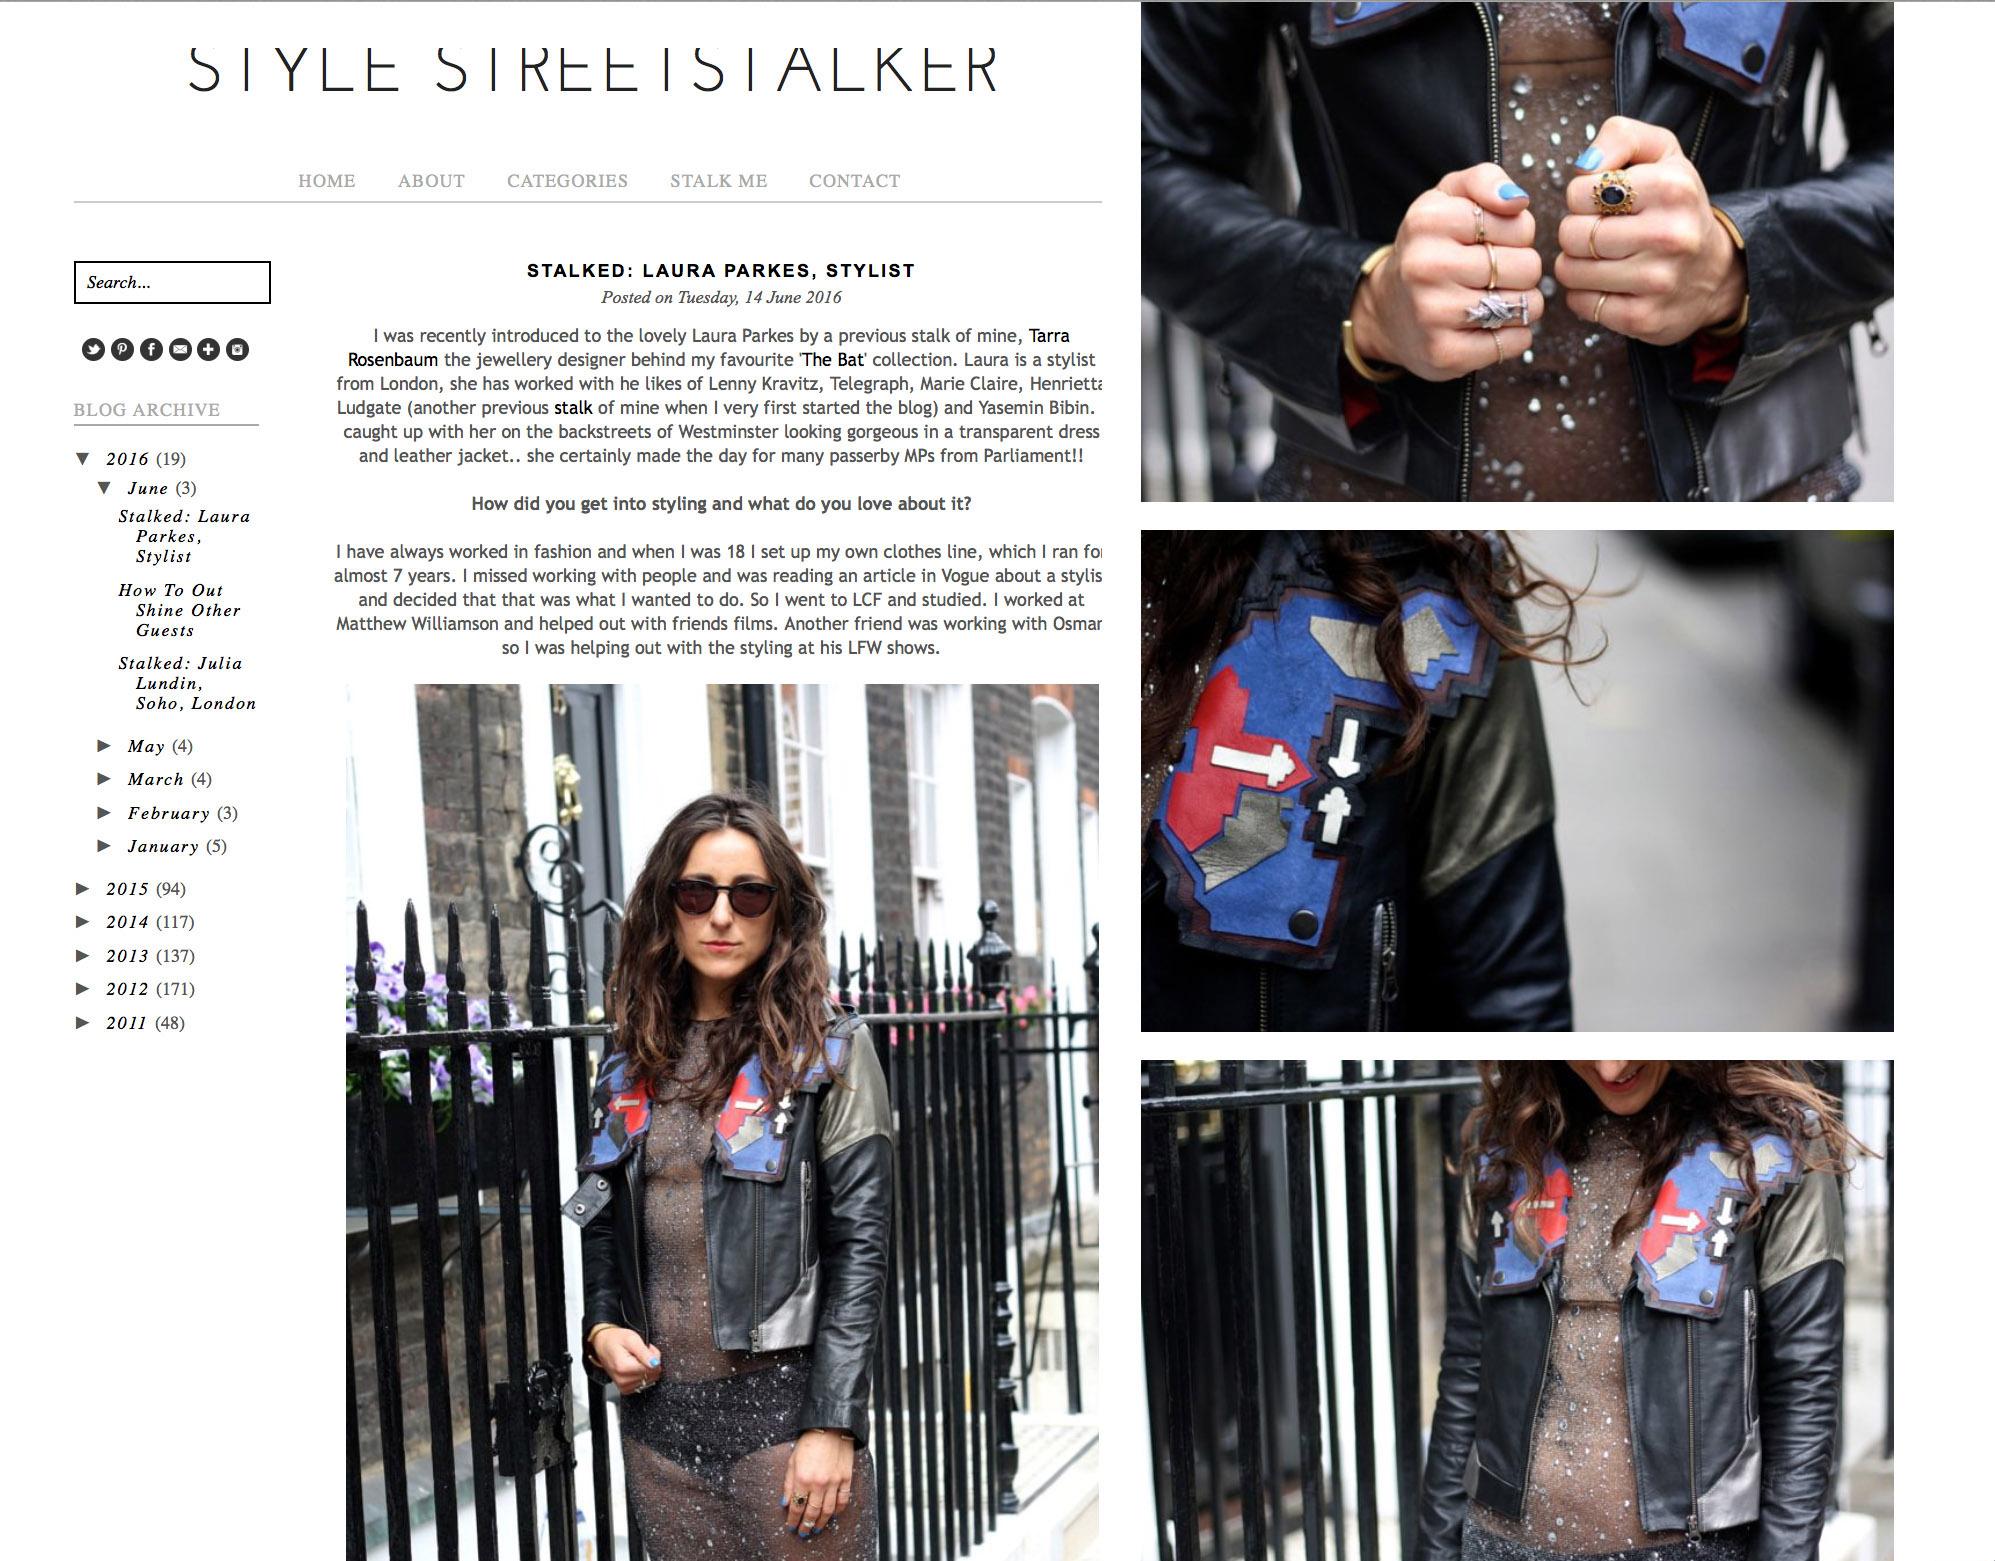 Yasemin Bibin Imagine street style stalker.jpg